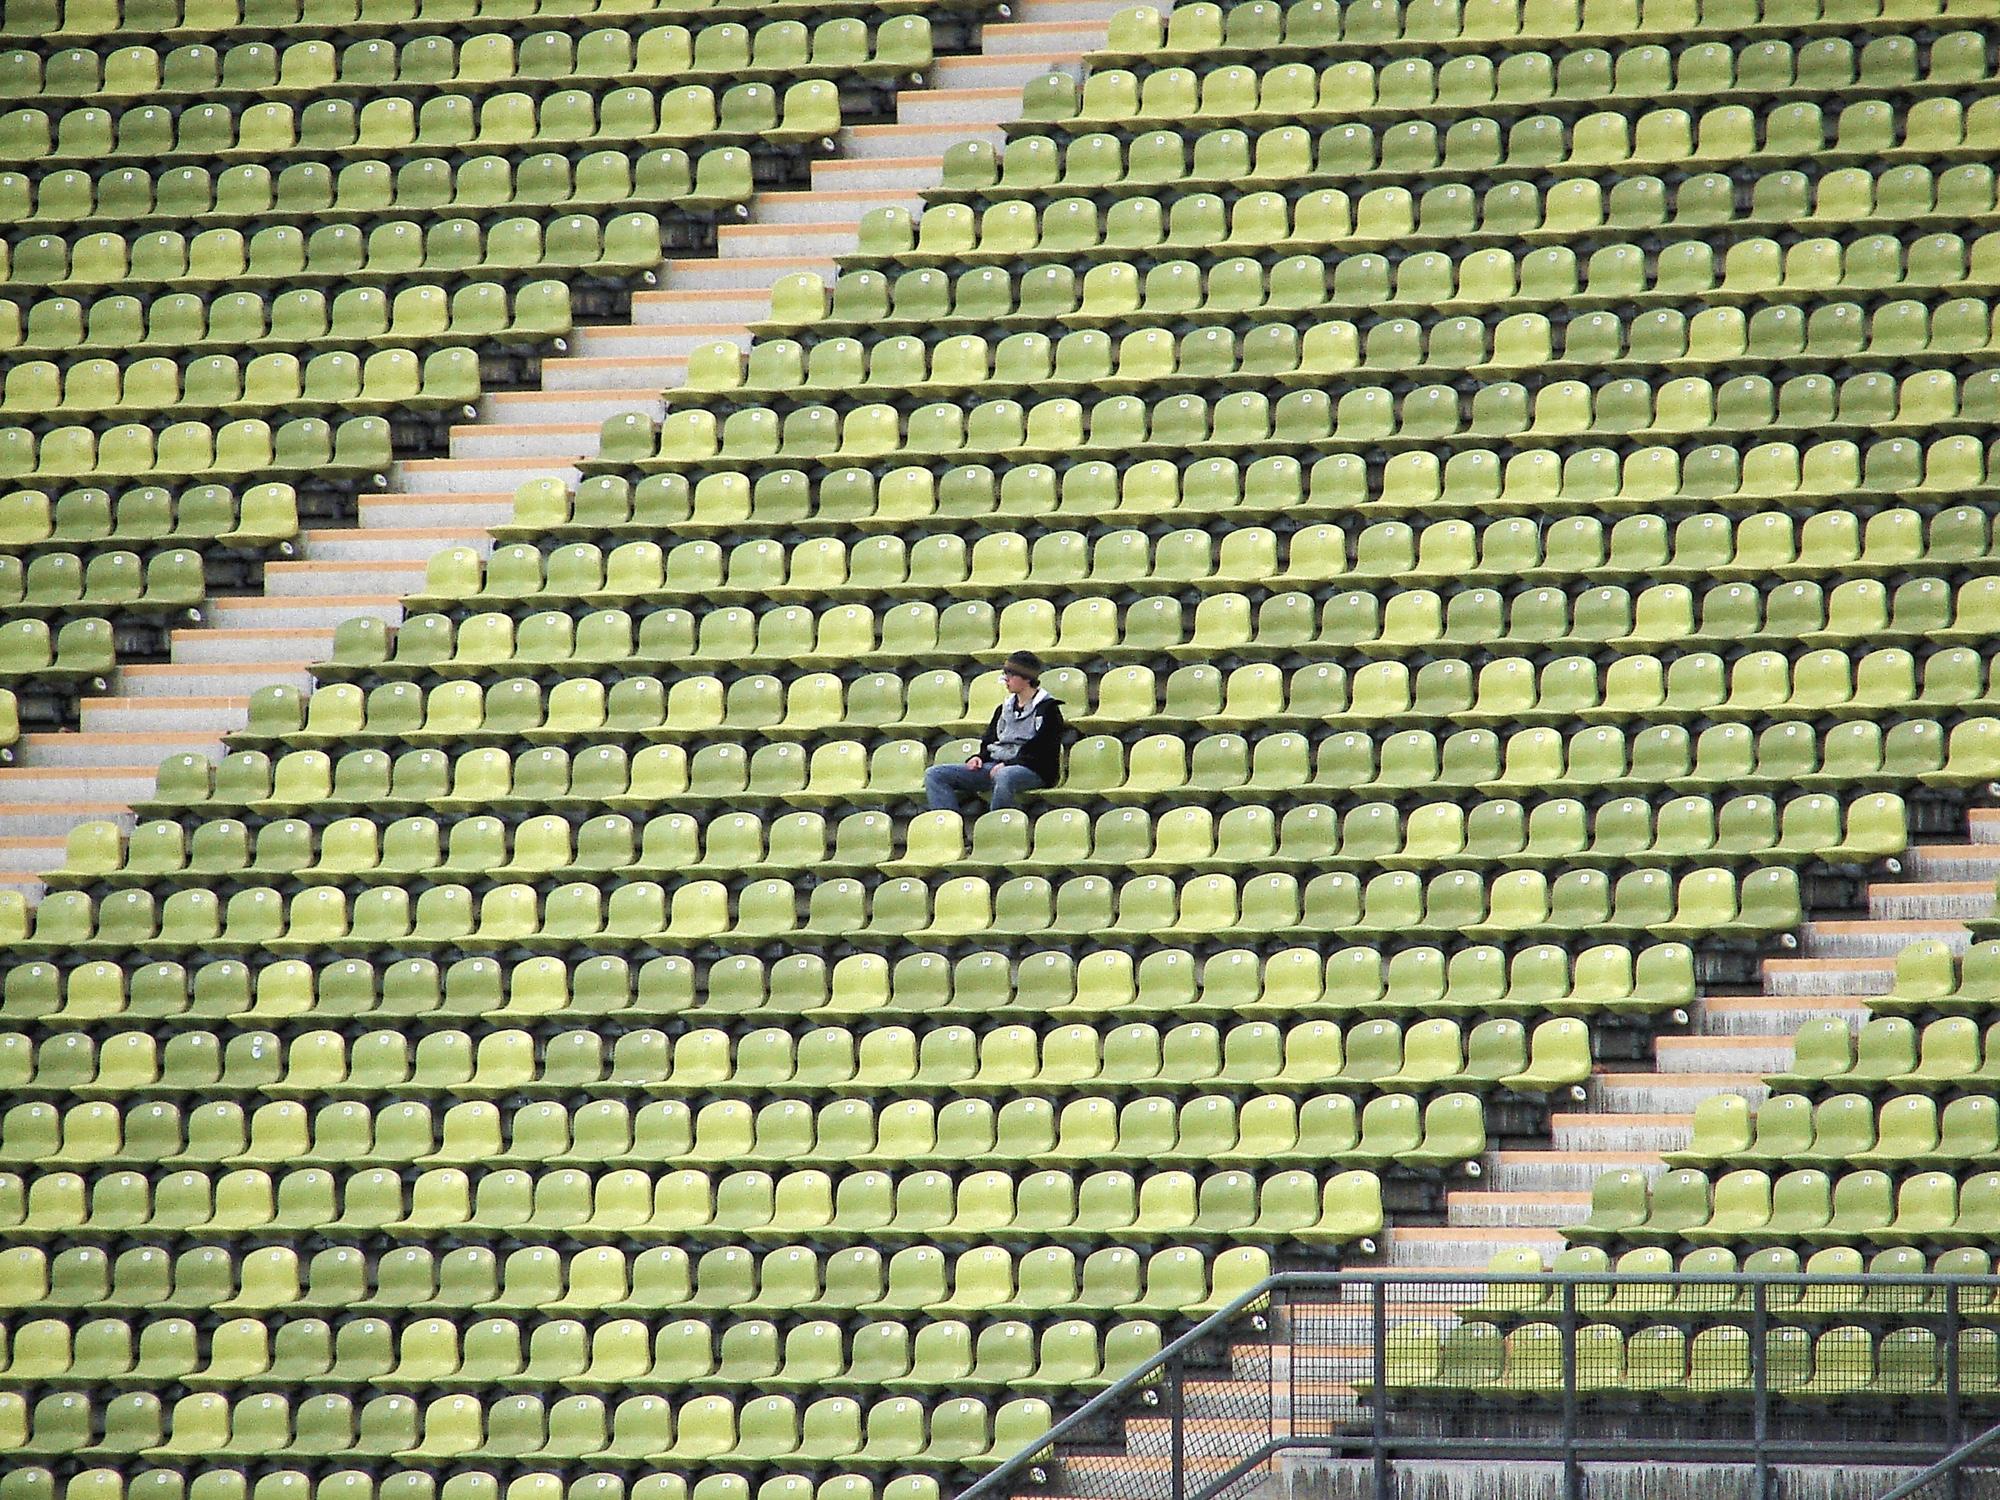 Foto: Einzelne Person sitzend auf der Tribüne in einem Stadion